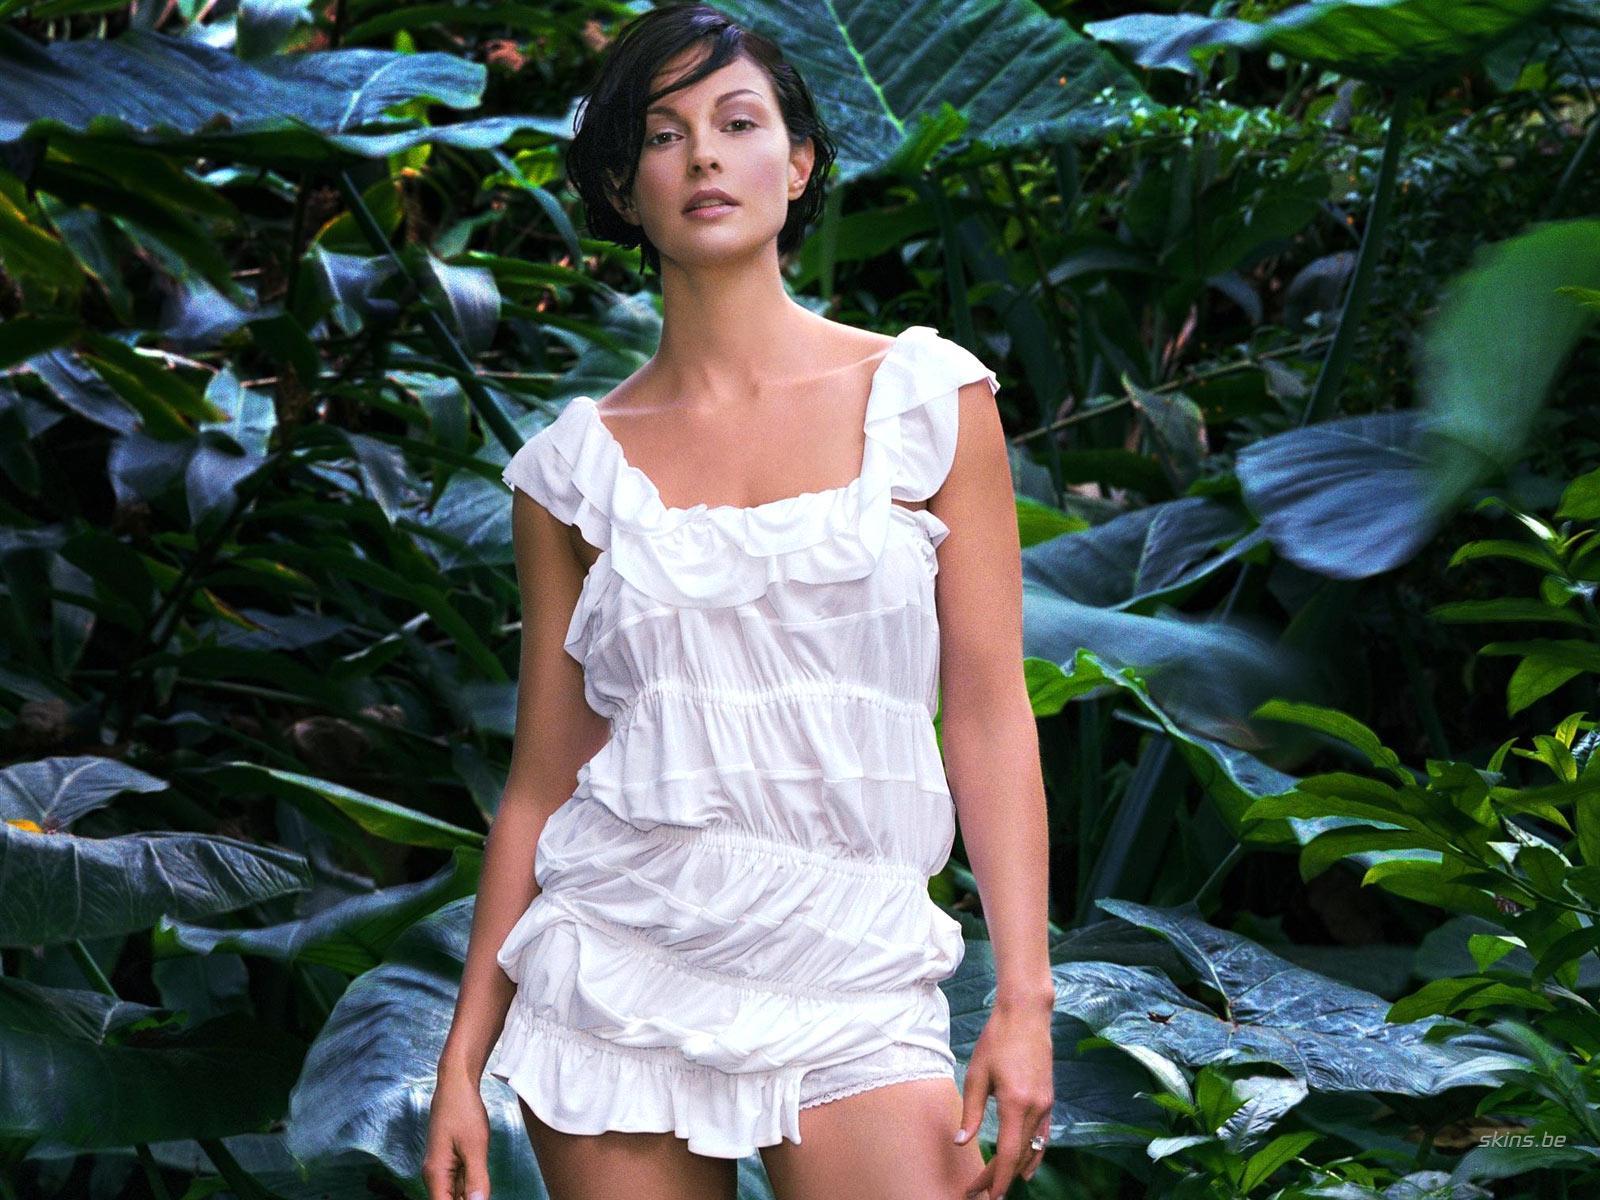 http://3.bp.blogspot.com/_GCAuqodmOE4/TOlnJI-Xw6I/AAAAAAAAE7o/PVlLKepV8aY/s1600/Ashley+Judd_0.jpg